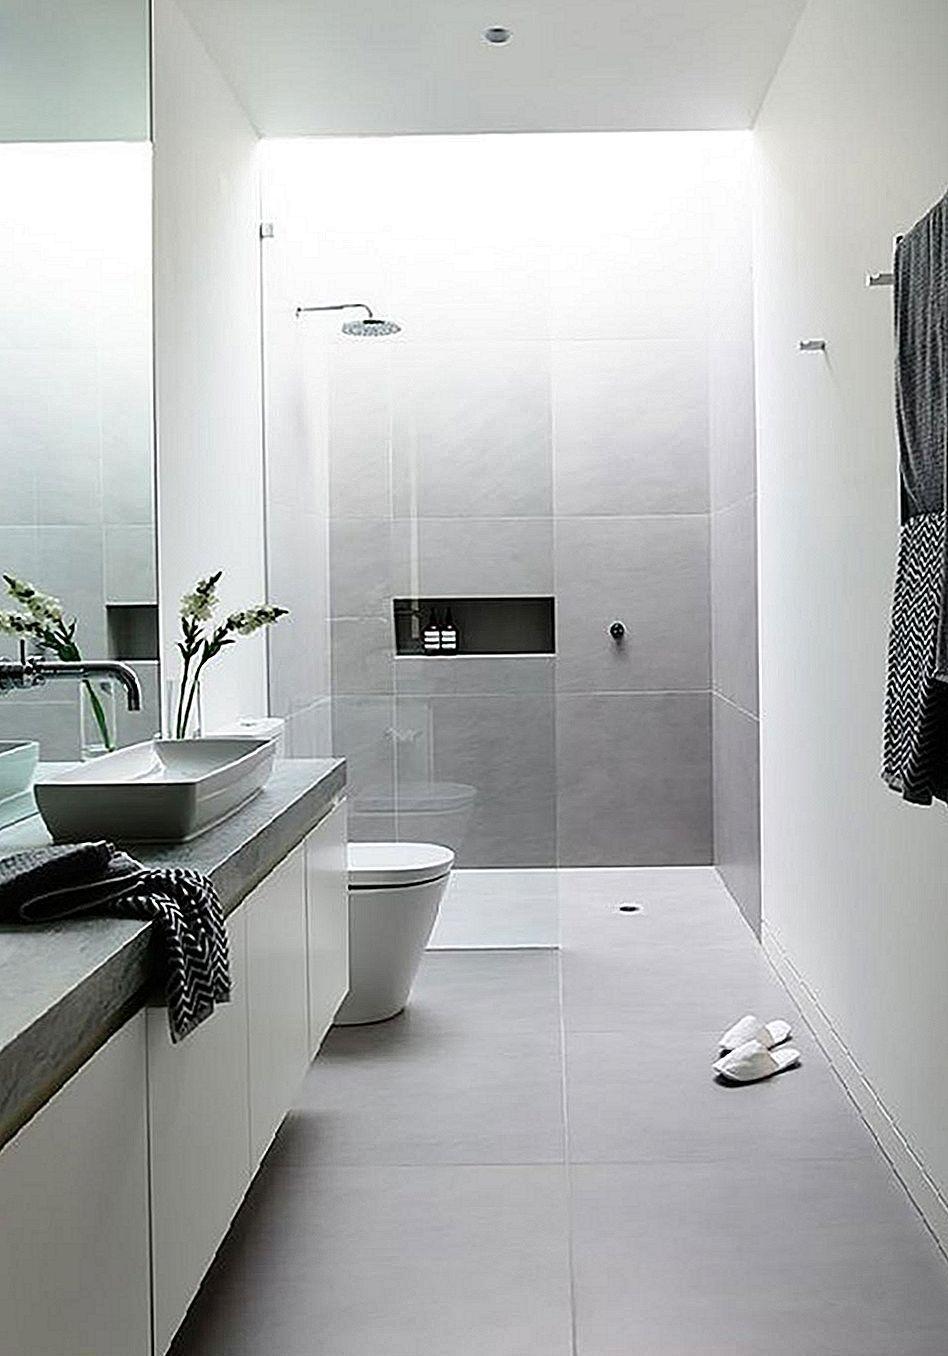 Keller Badezimmer Fliesen Design Ideen In 2020 Mit Bildern